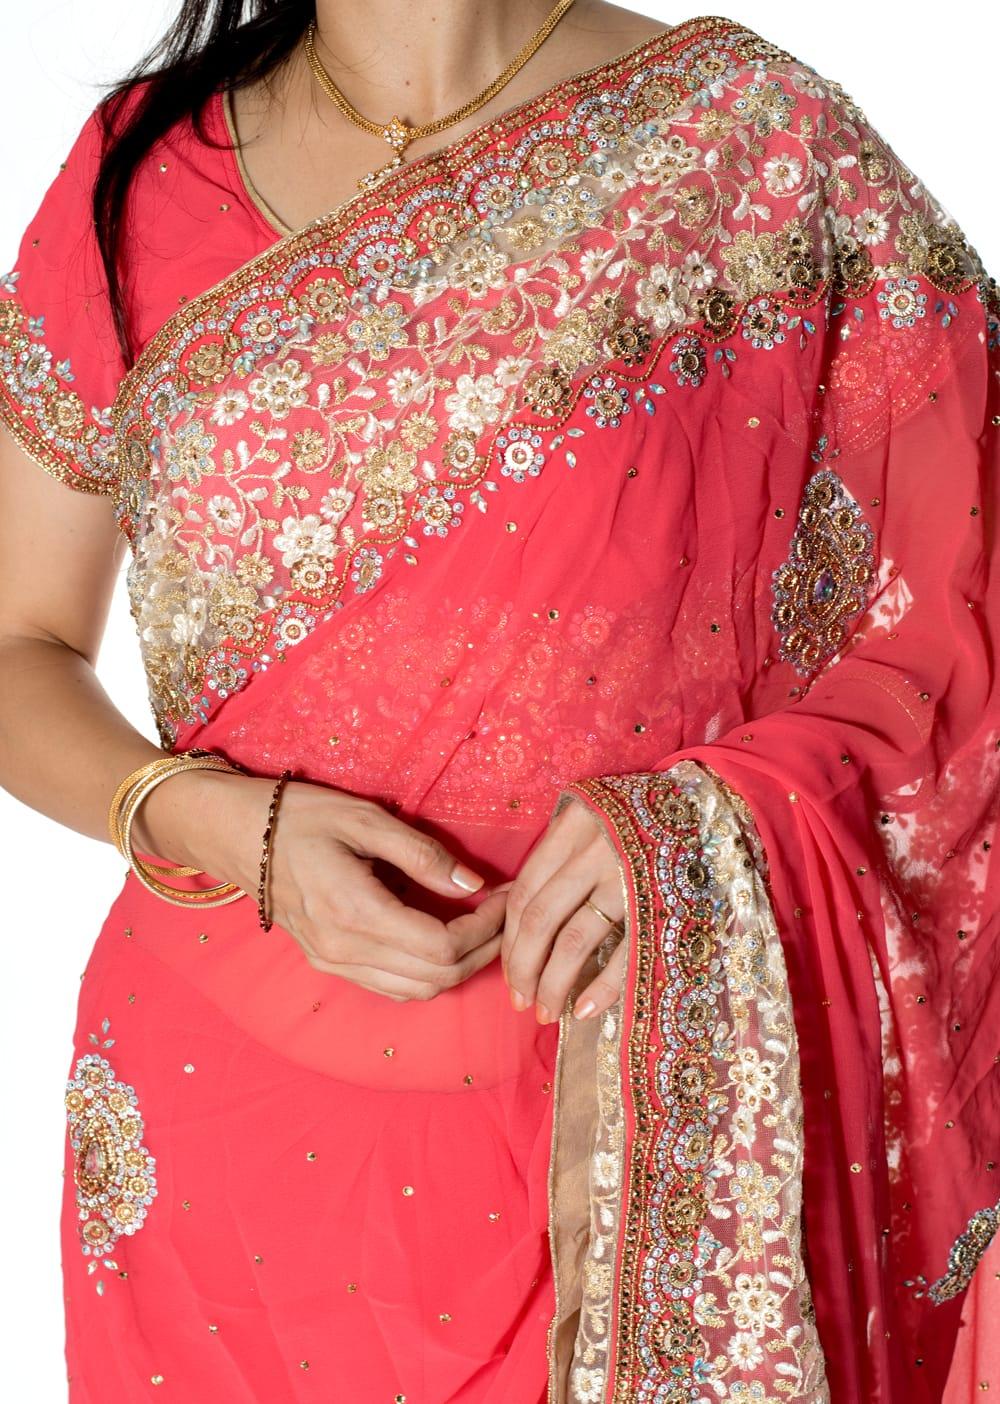 【一点物】刺繍とビジューの婚礼用ゴージャス ジョーゼットサリー【チョリ付き】 - ピンク 5 - 拡大写真です